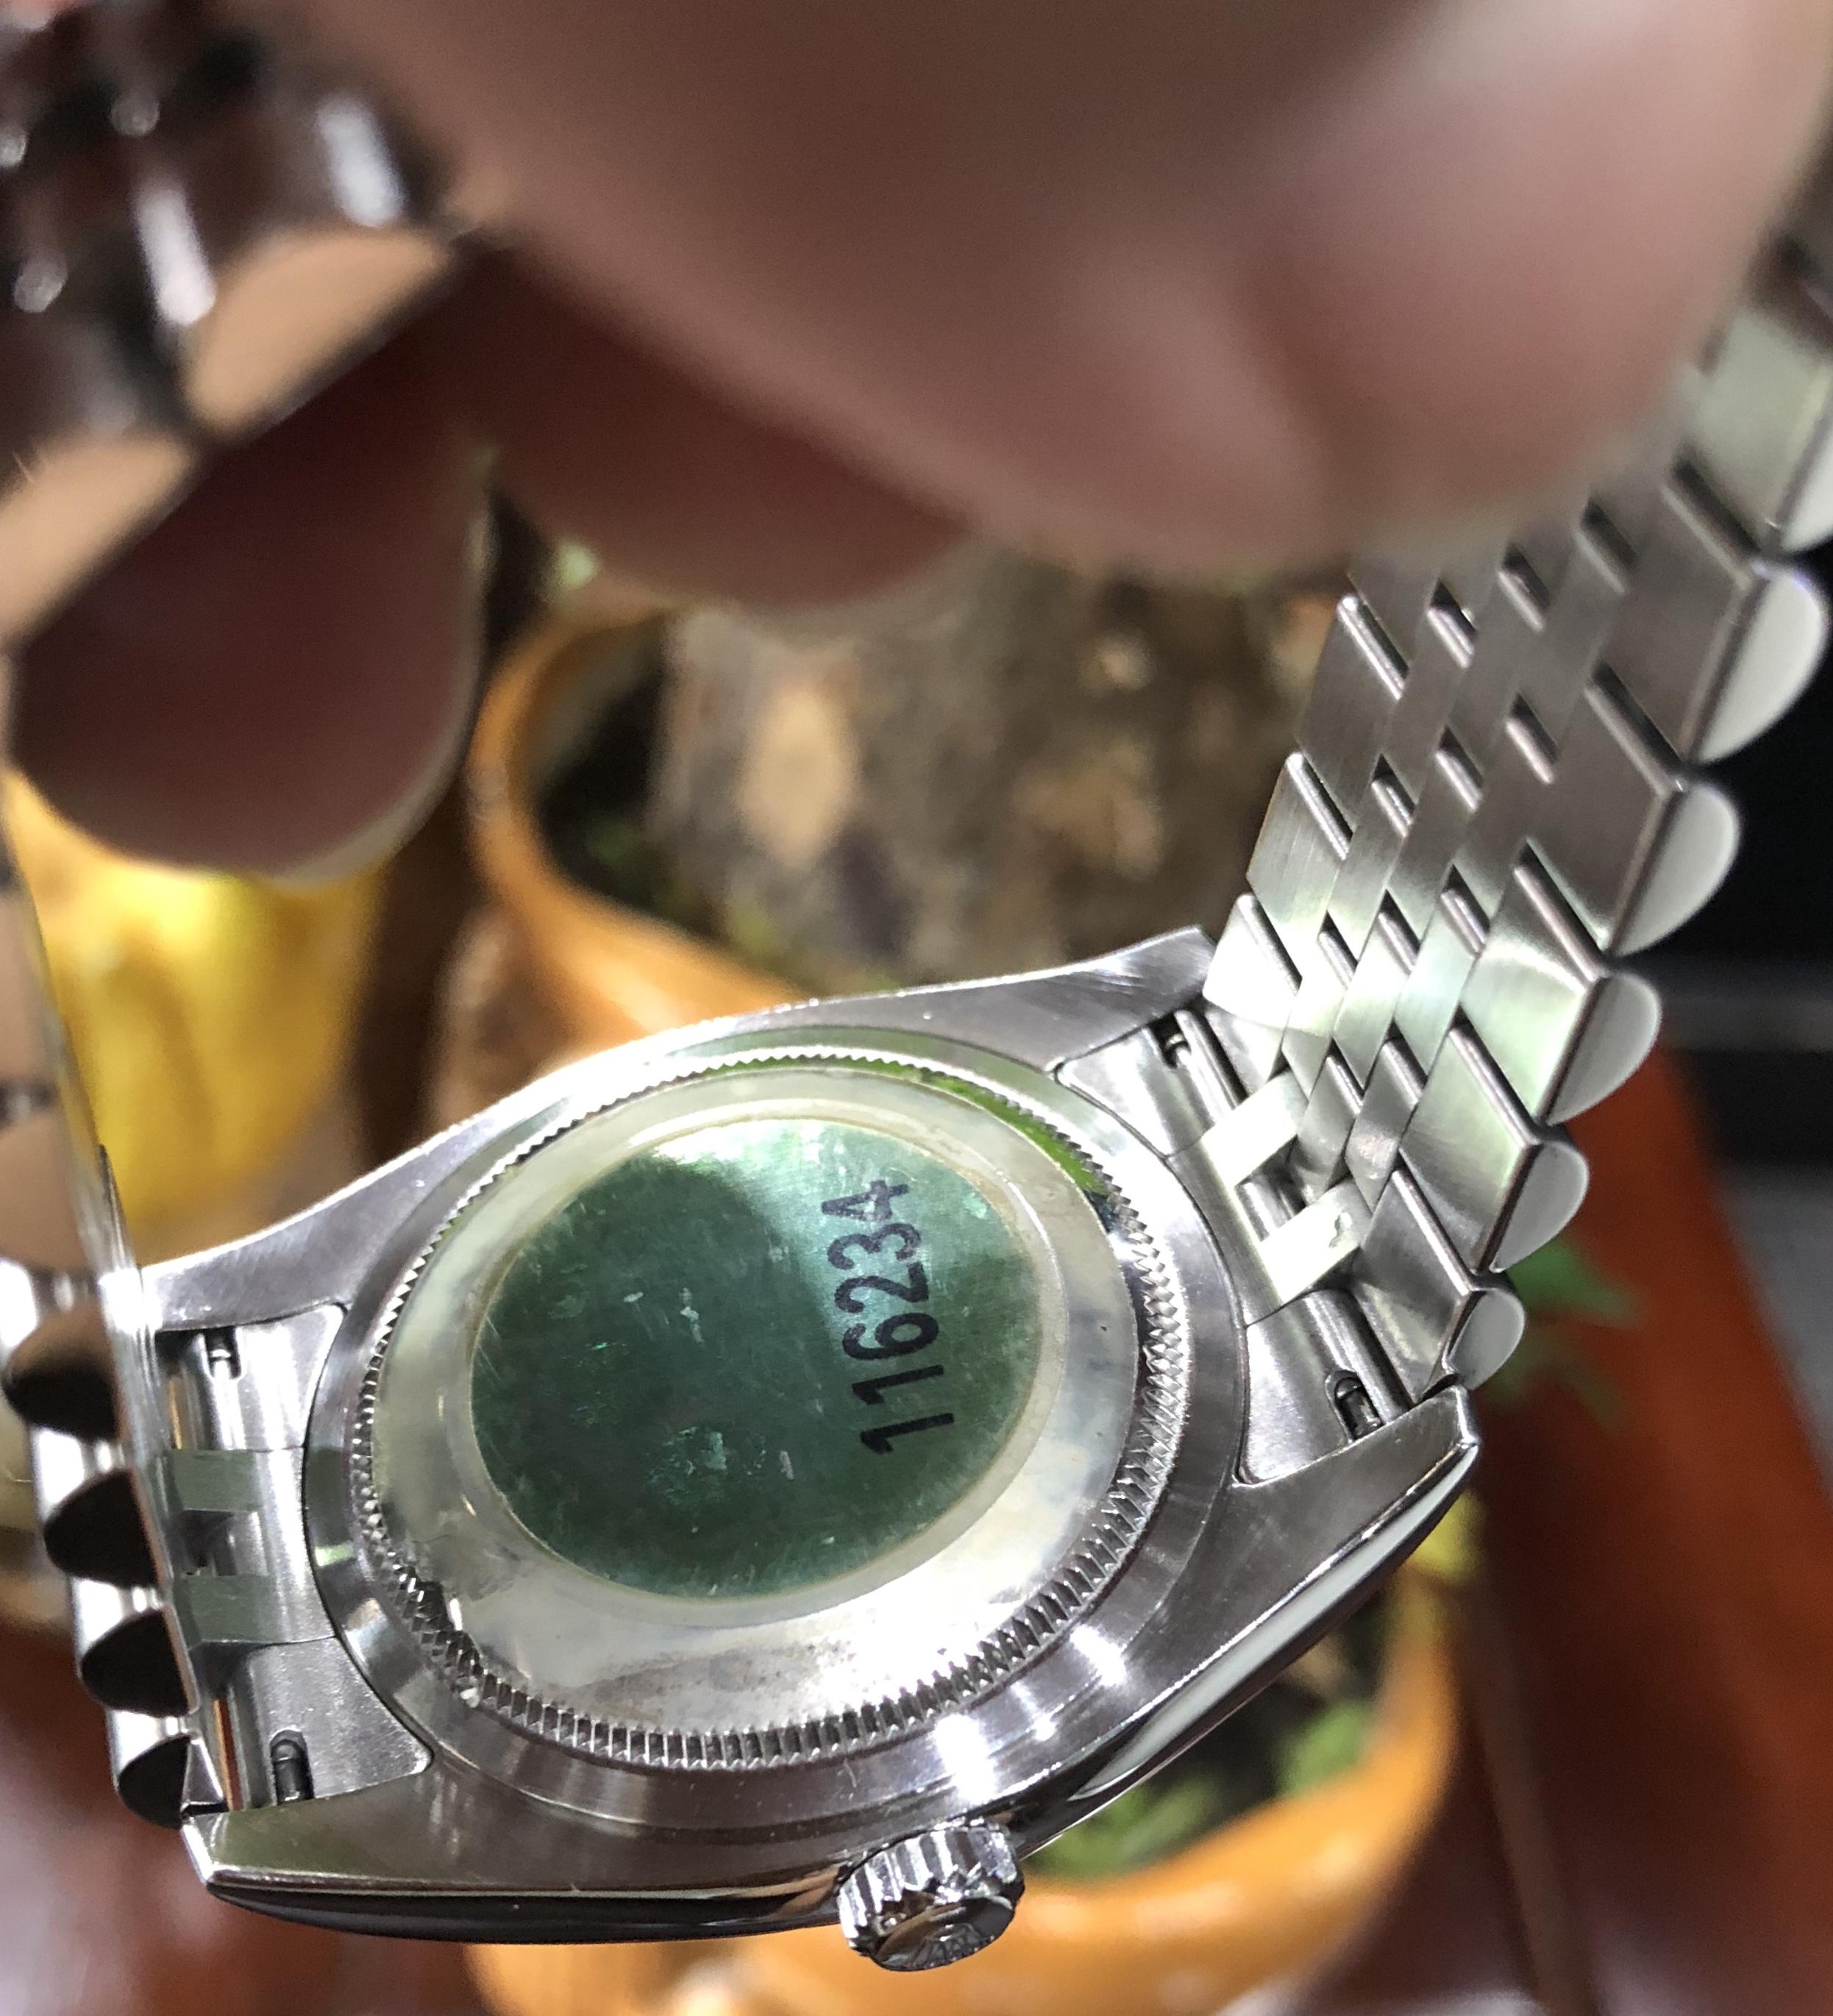 Rolex 116234 mặt đá xanh cực hiếm sản xuất năm 2005-7